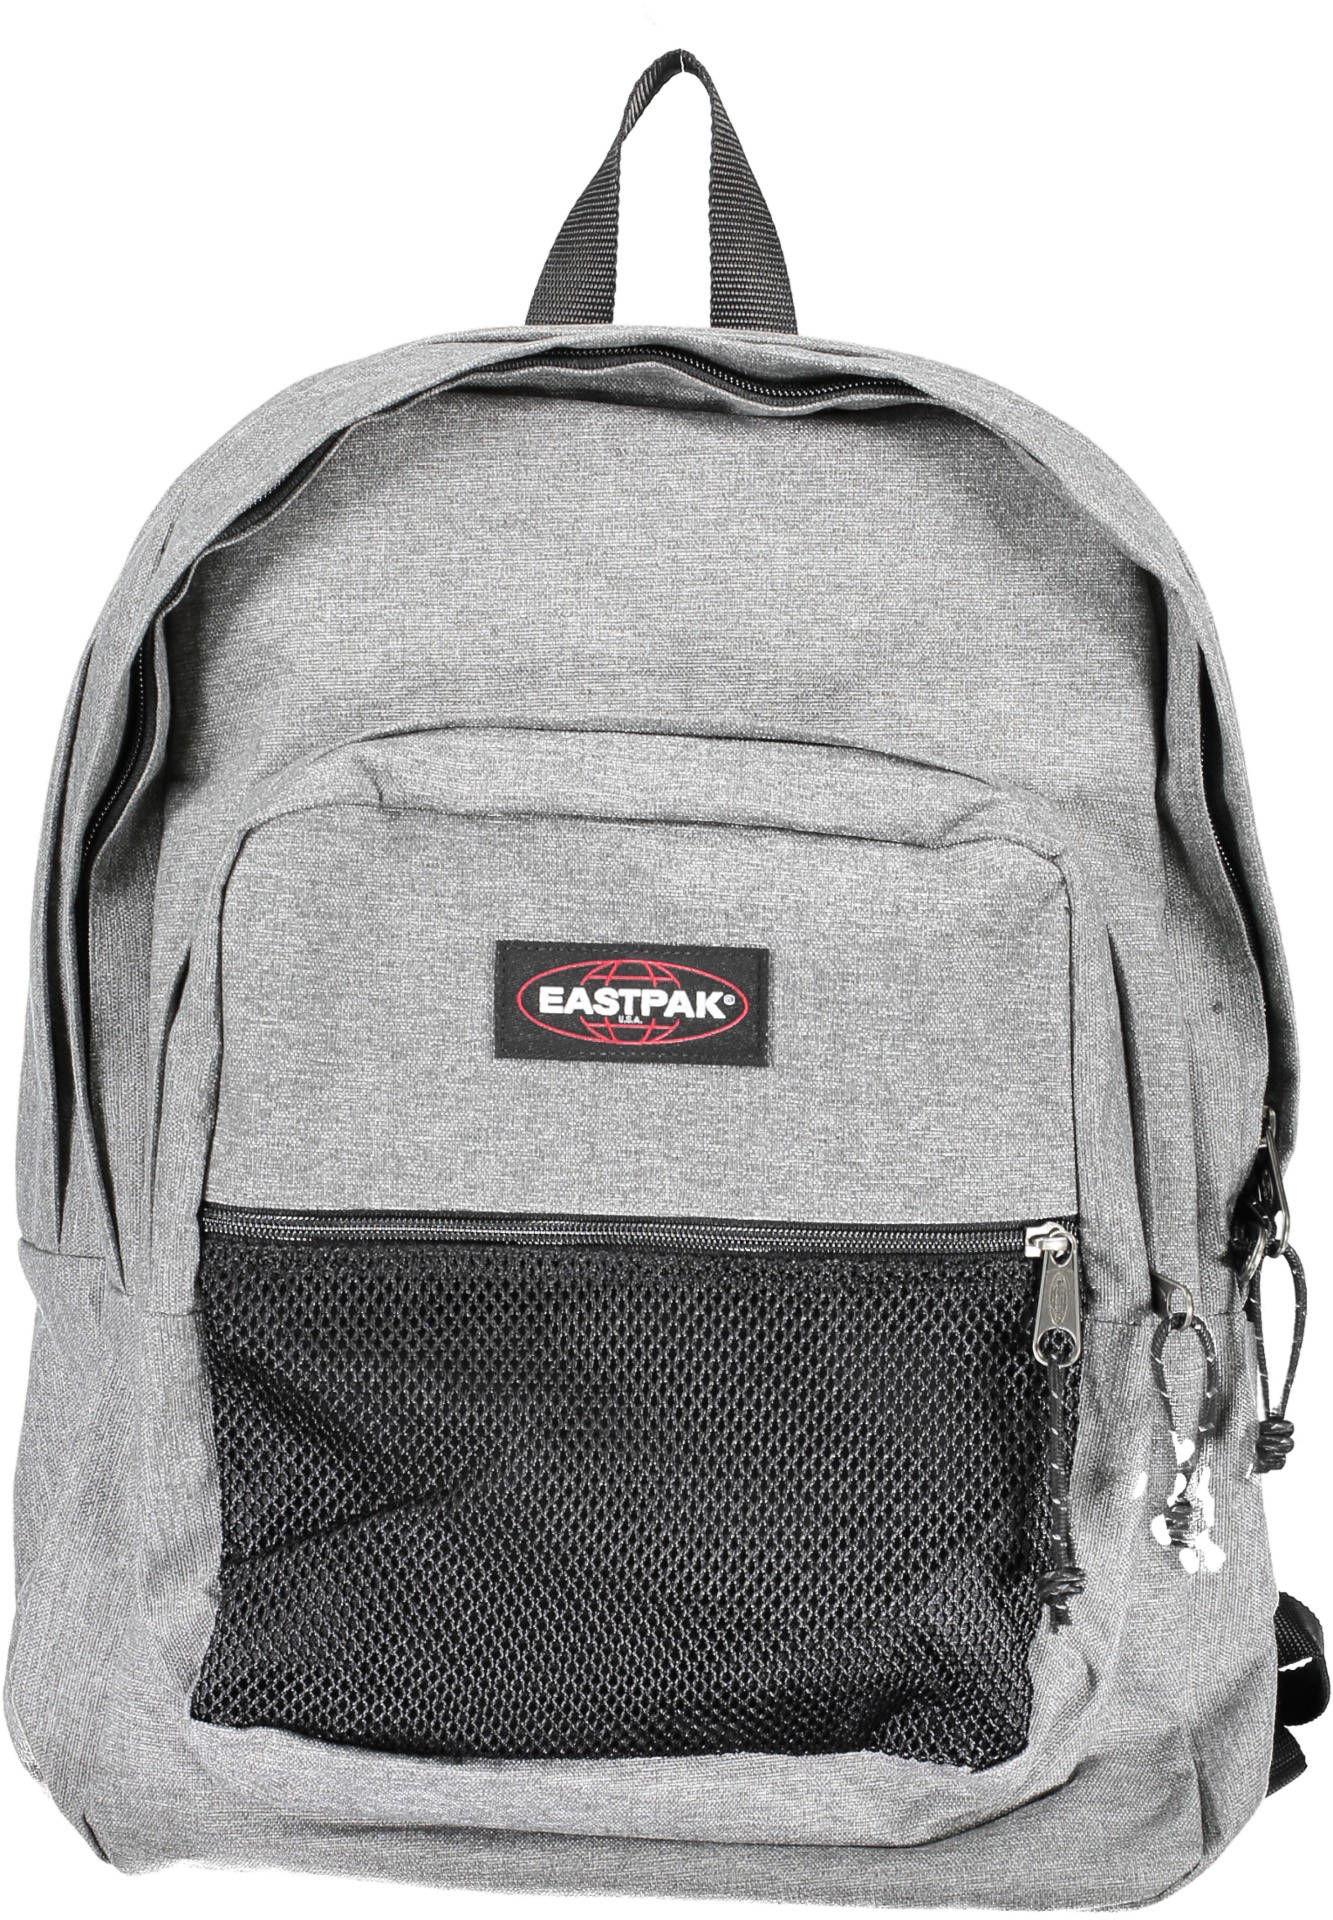 Plecak EASTPAK dla mężczyzn